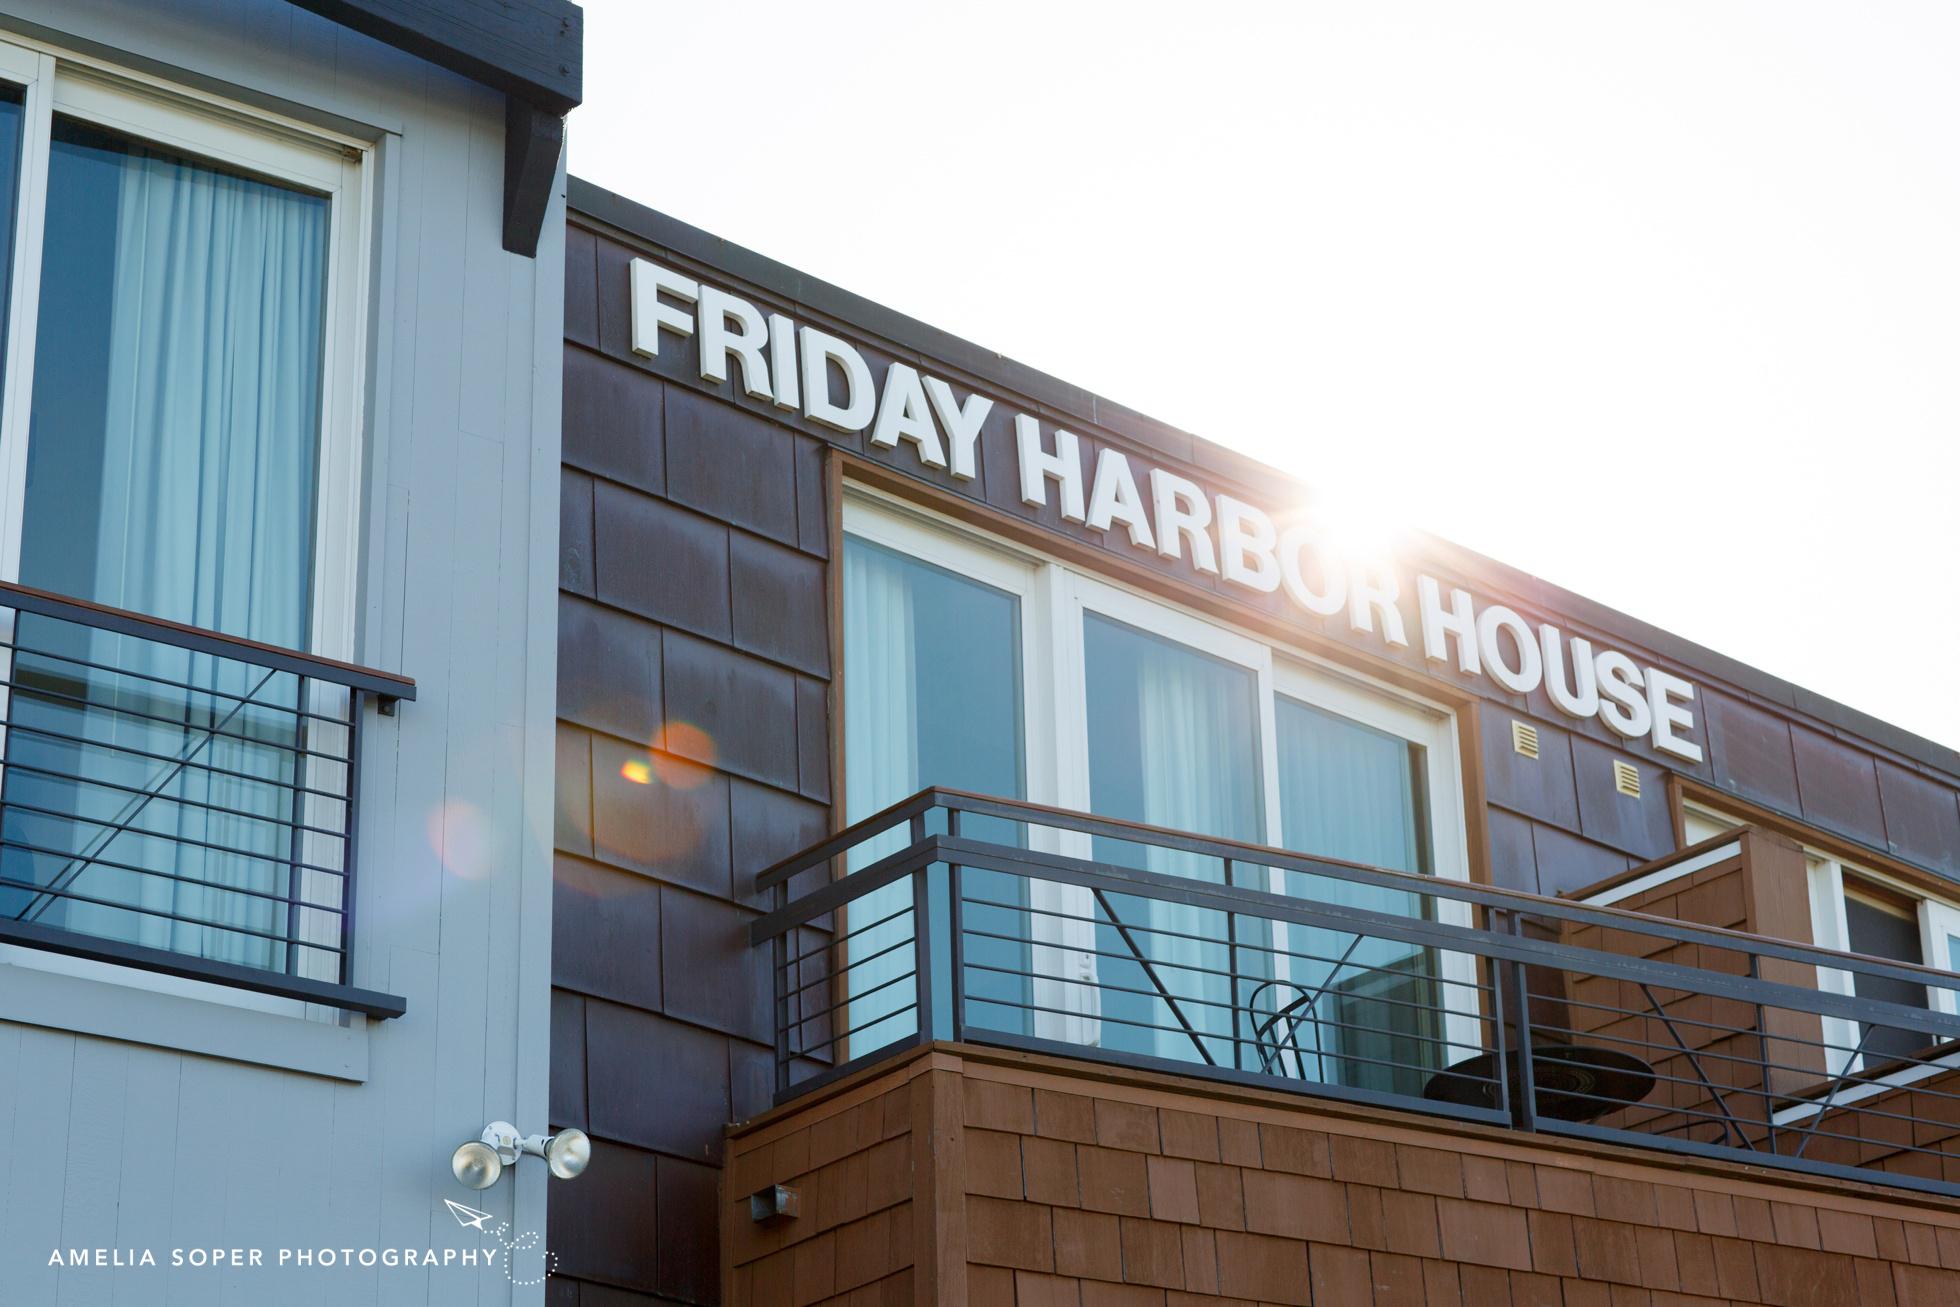 Friday harbor House Wedding